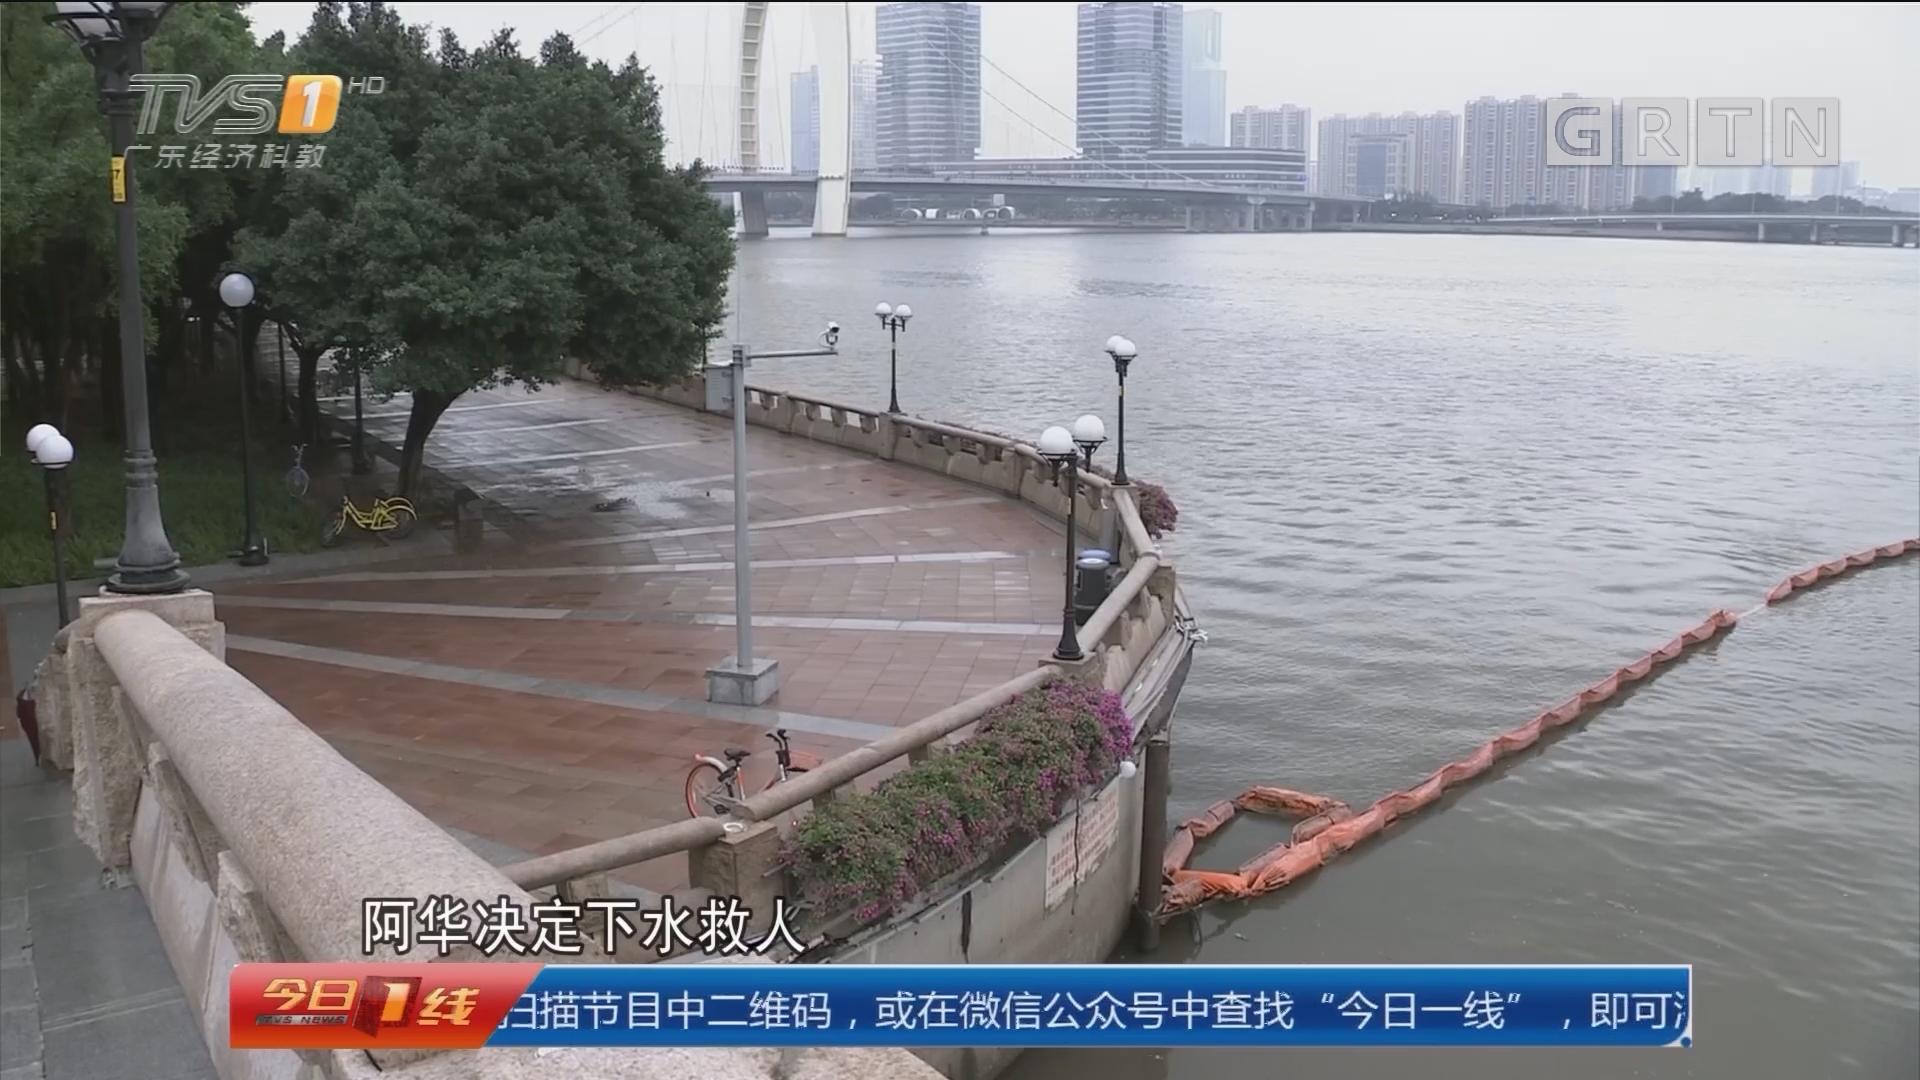 """系列专栏""""温度"""":广州 女子跳江 保安下水救人"""